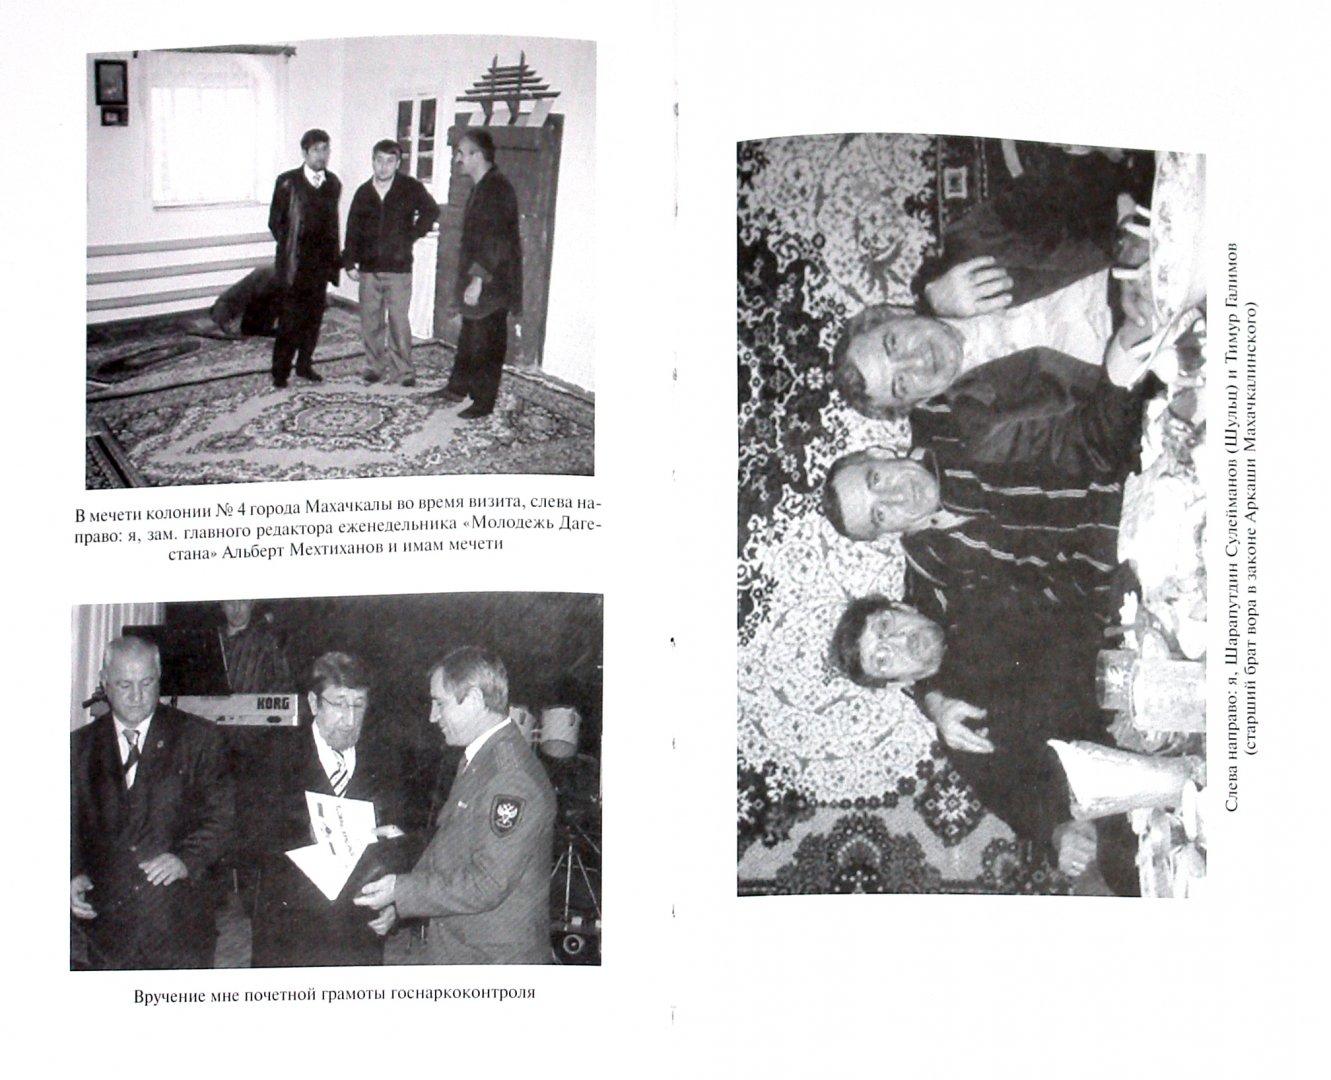 Иллюстрация 1 из 4 для Бродяга: Воскрешение - Заур Зугумов | Лабиринт - книги. Источник: Лабиринт